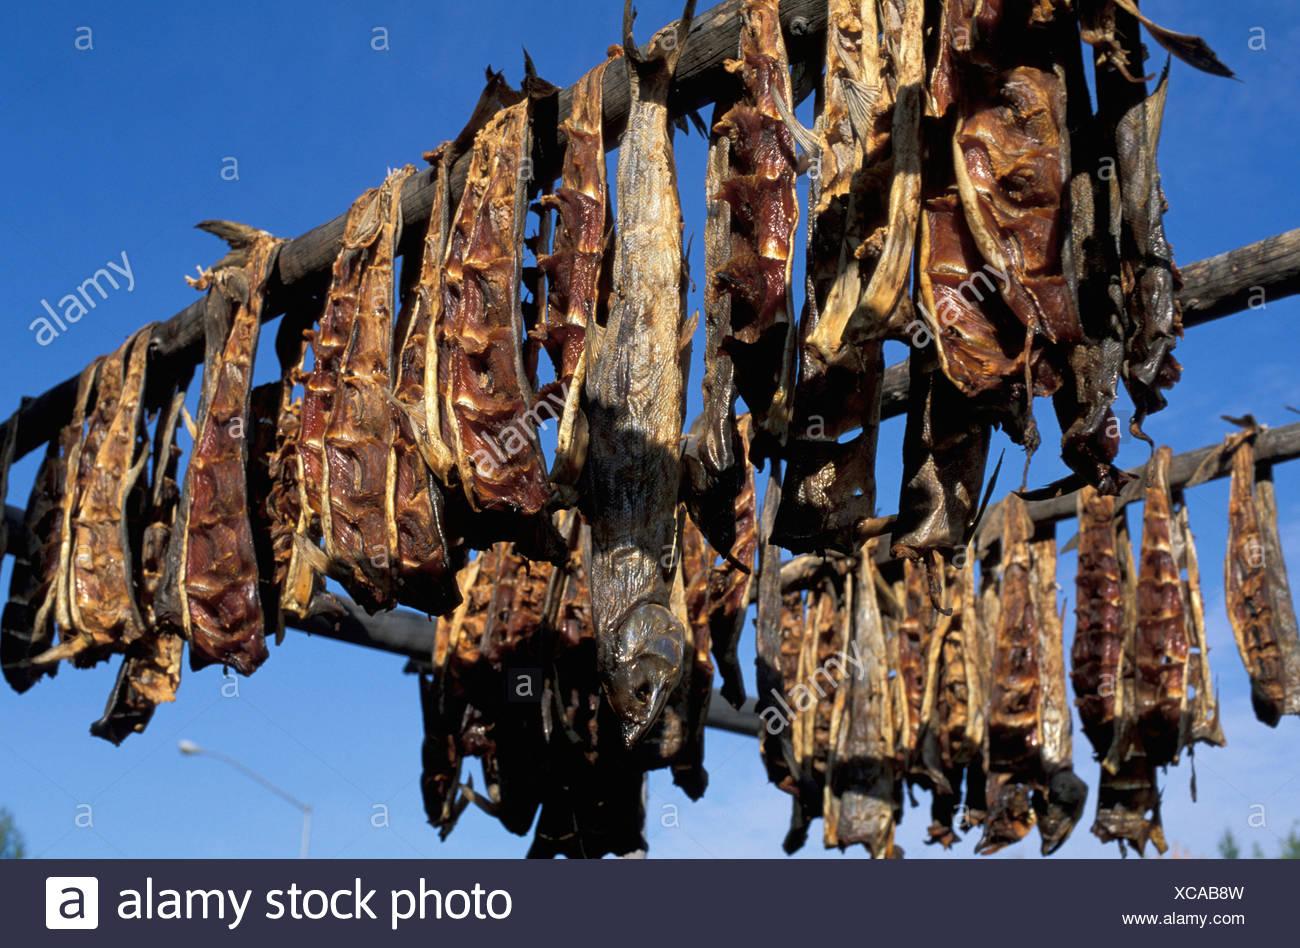 Peces hendidos, Fur Hunde, Nenana, Alaska, EE.UU., pescado, pescado ahumado, cielo azul, la muerte, la luz del sol, secos, humo Imagen De Stock